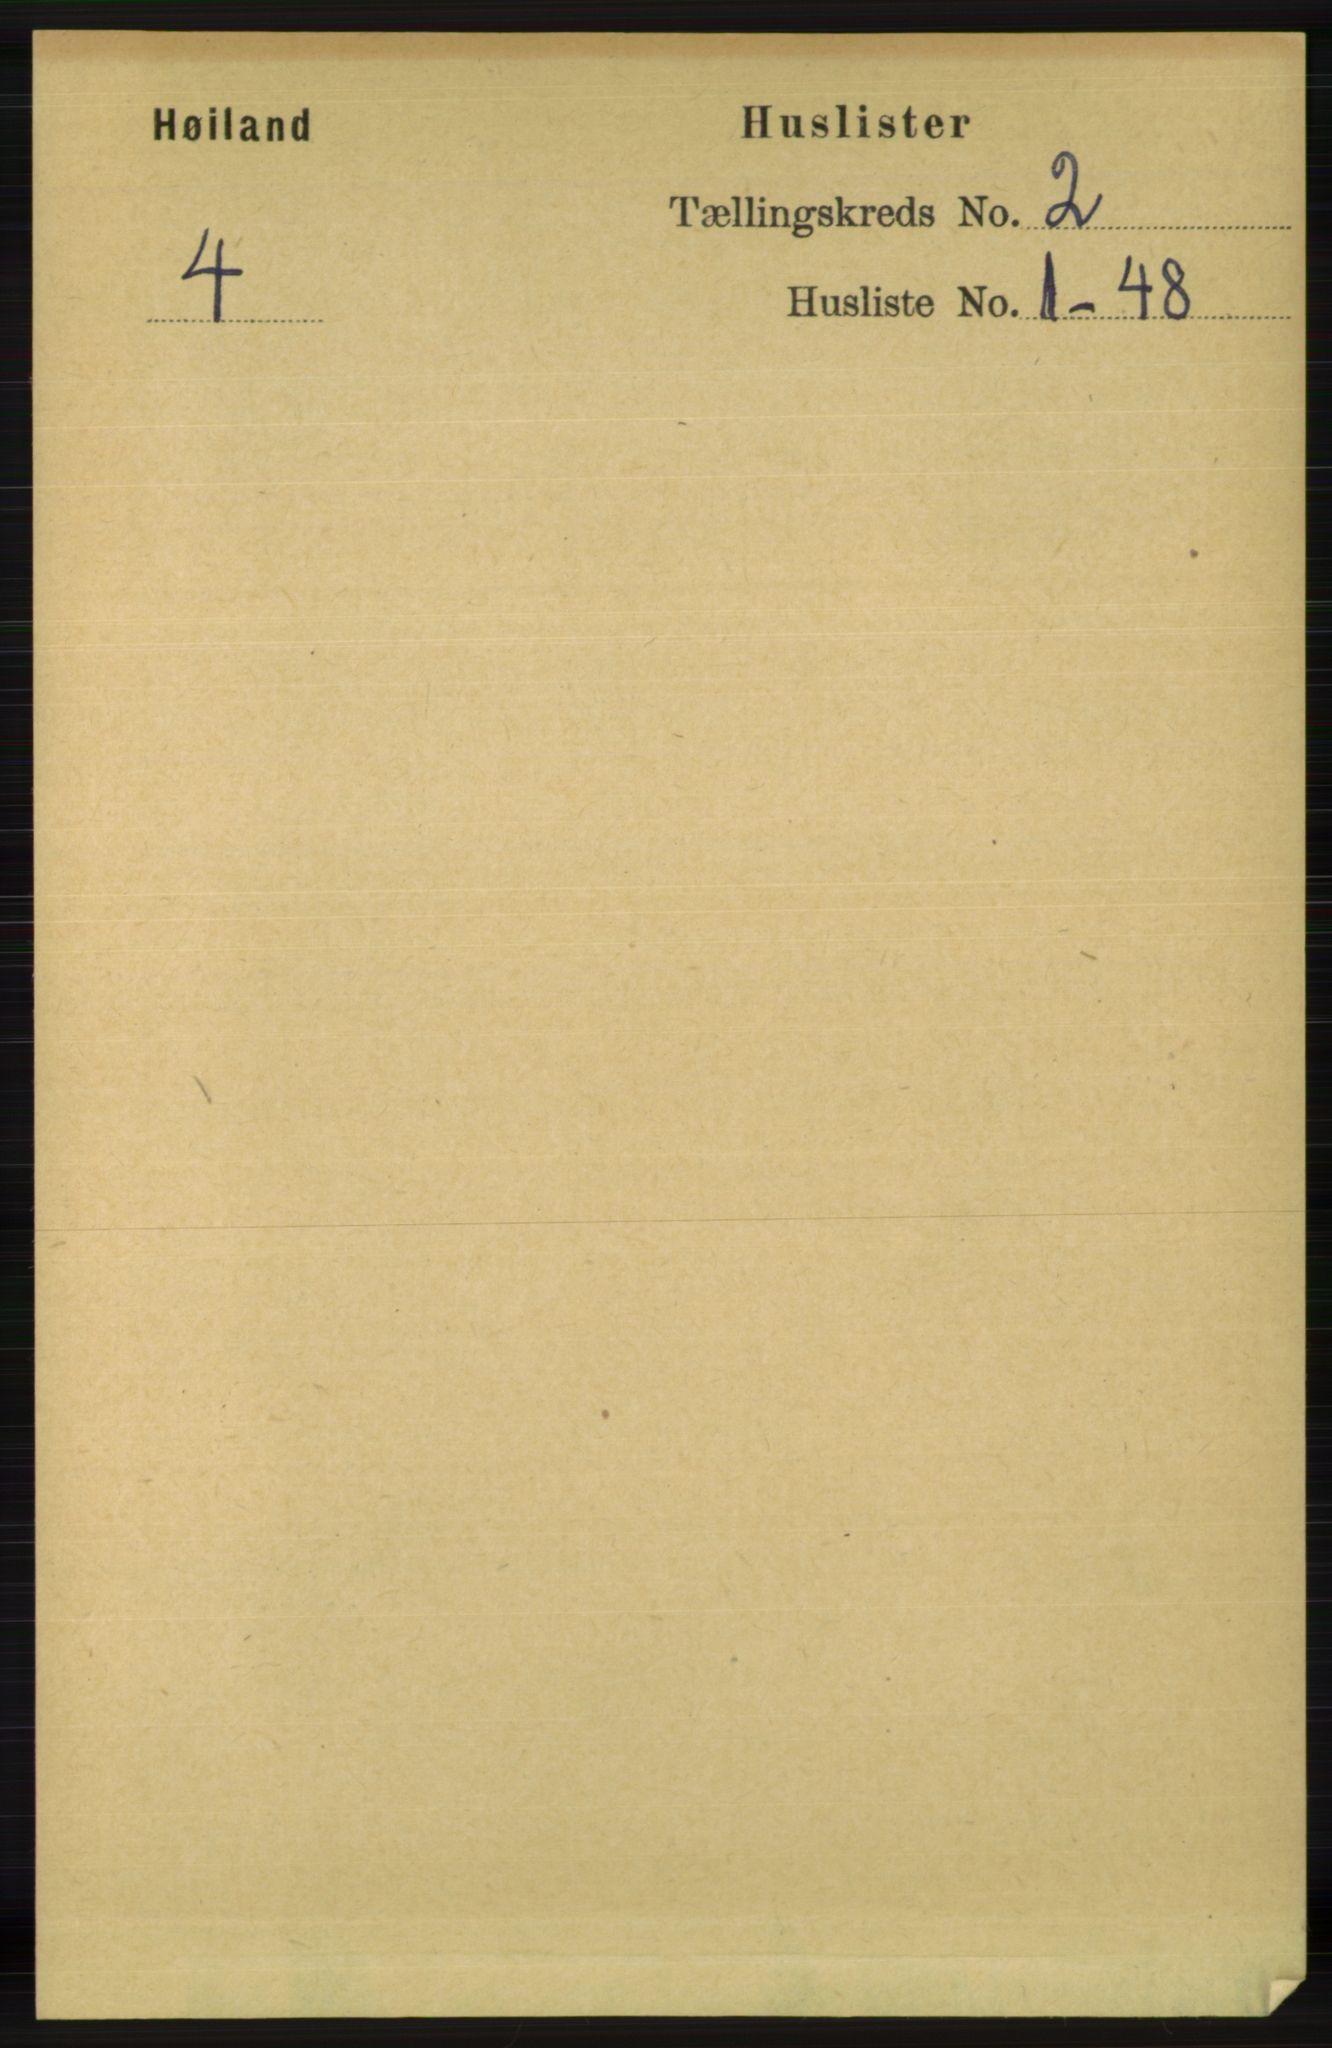 RA, Folketelling 1891 for 1123 Høyland herred, 1891, s. 276